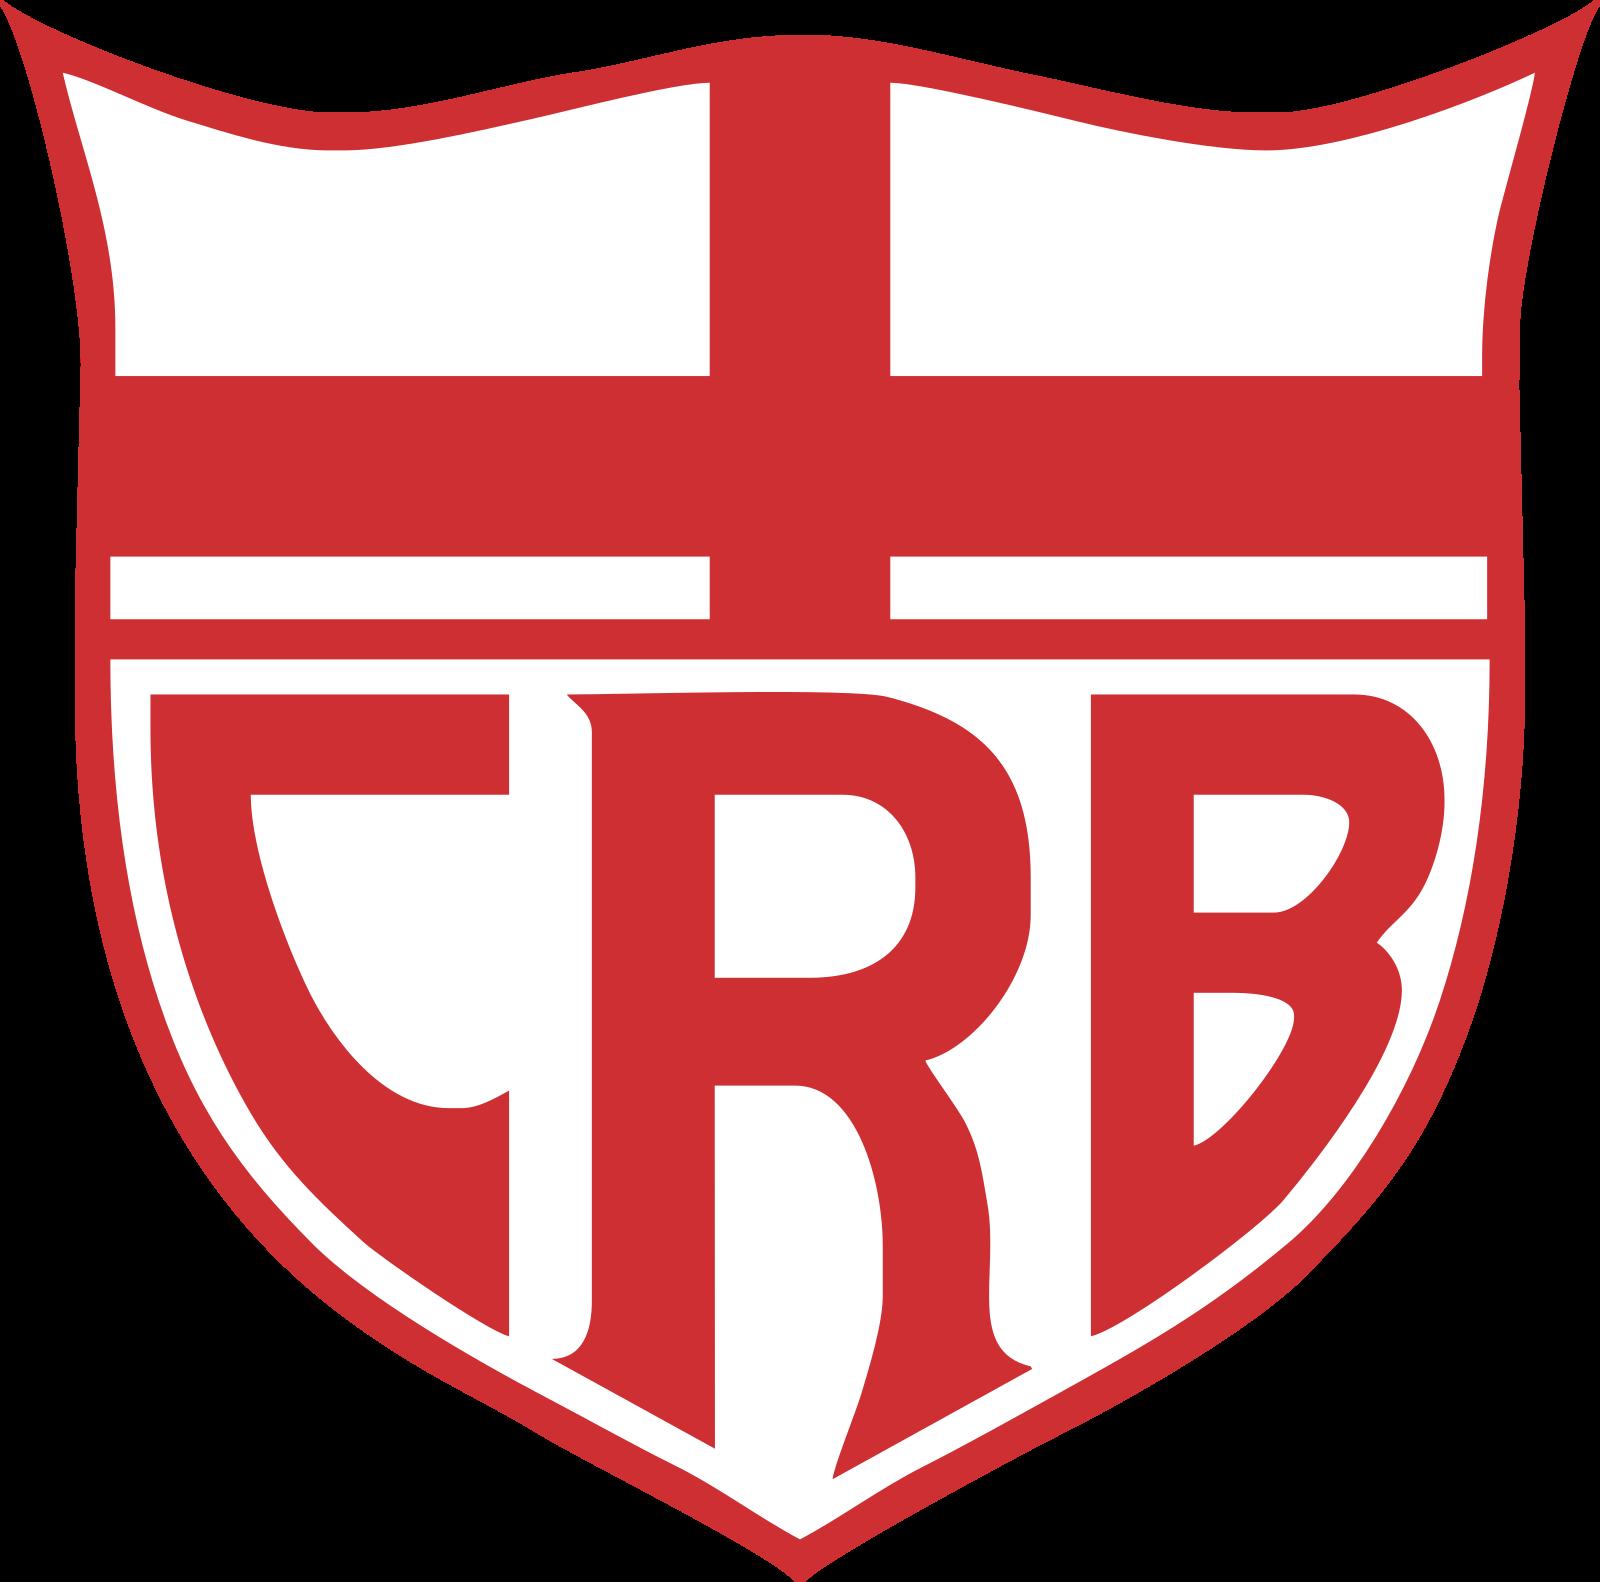 crb logo escudo 2 - CRB Logo - CRB Escudo